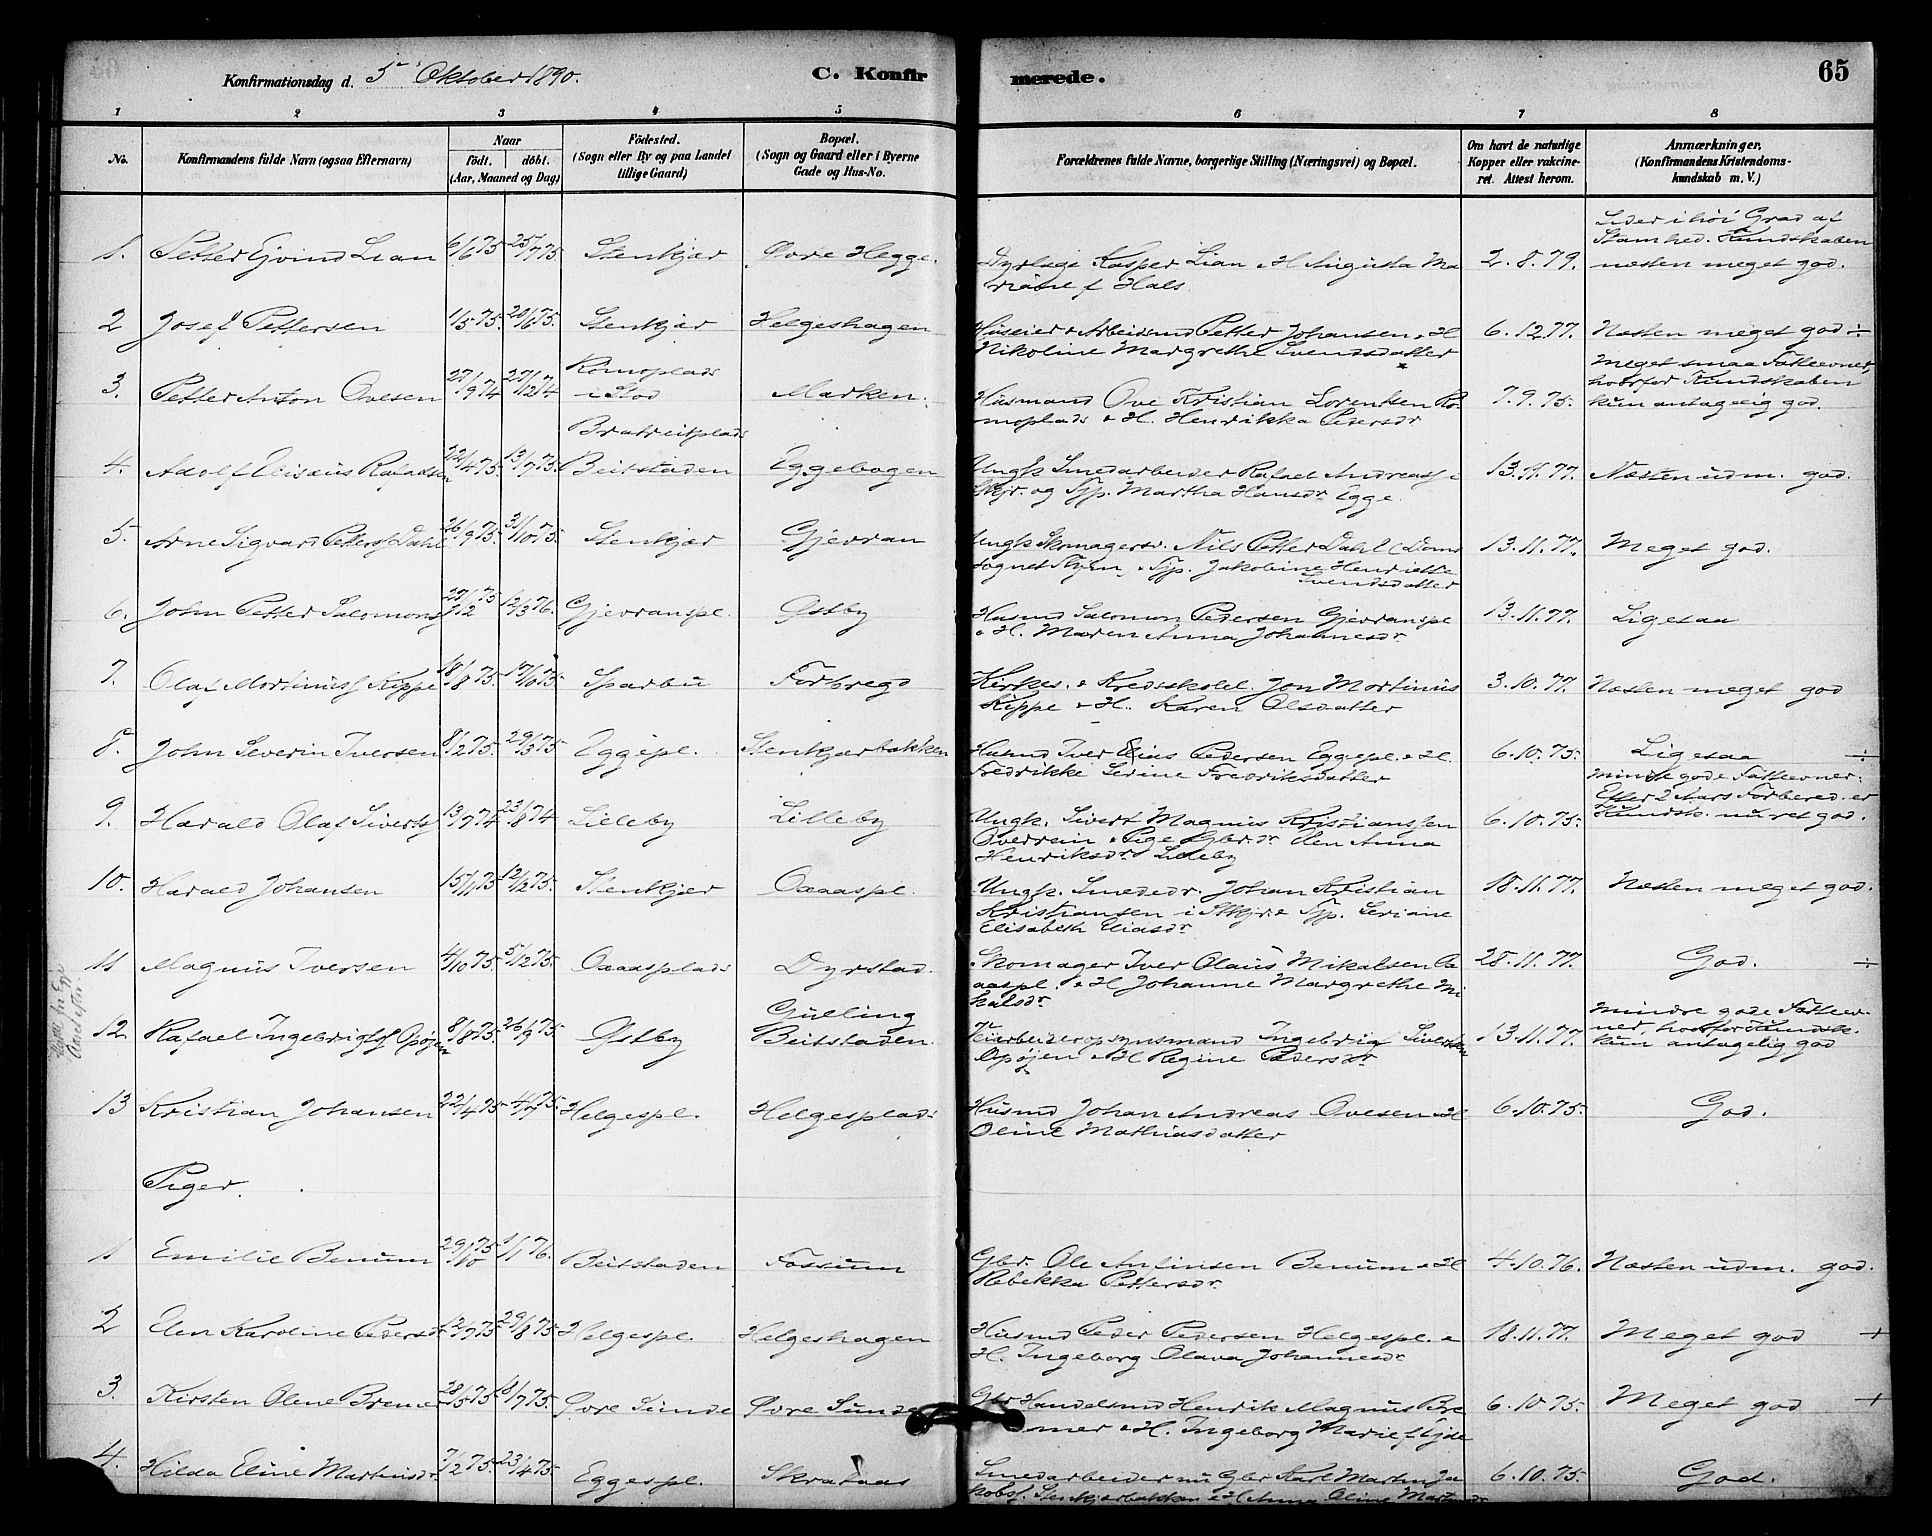 SAT, Ministerialprotokoller, klokkerbøker og fødselsregistre - Nord-Trøndelag, 740/L0378: Ministerialbok nr. 740A01, 1881-1895, s. 65